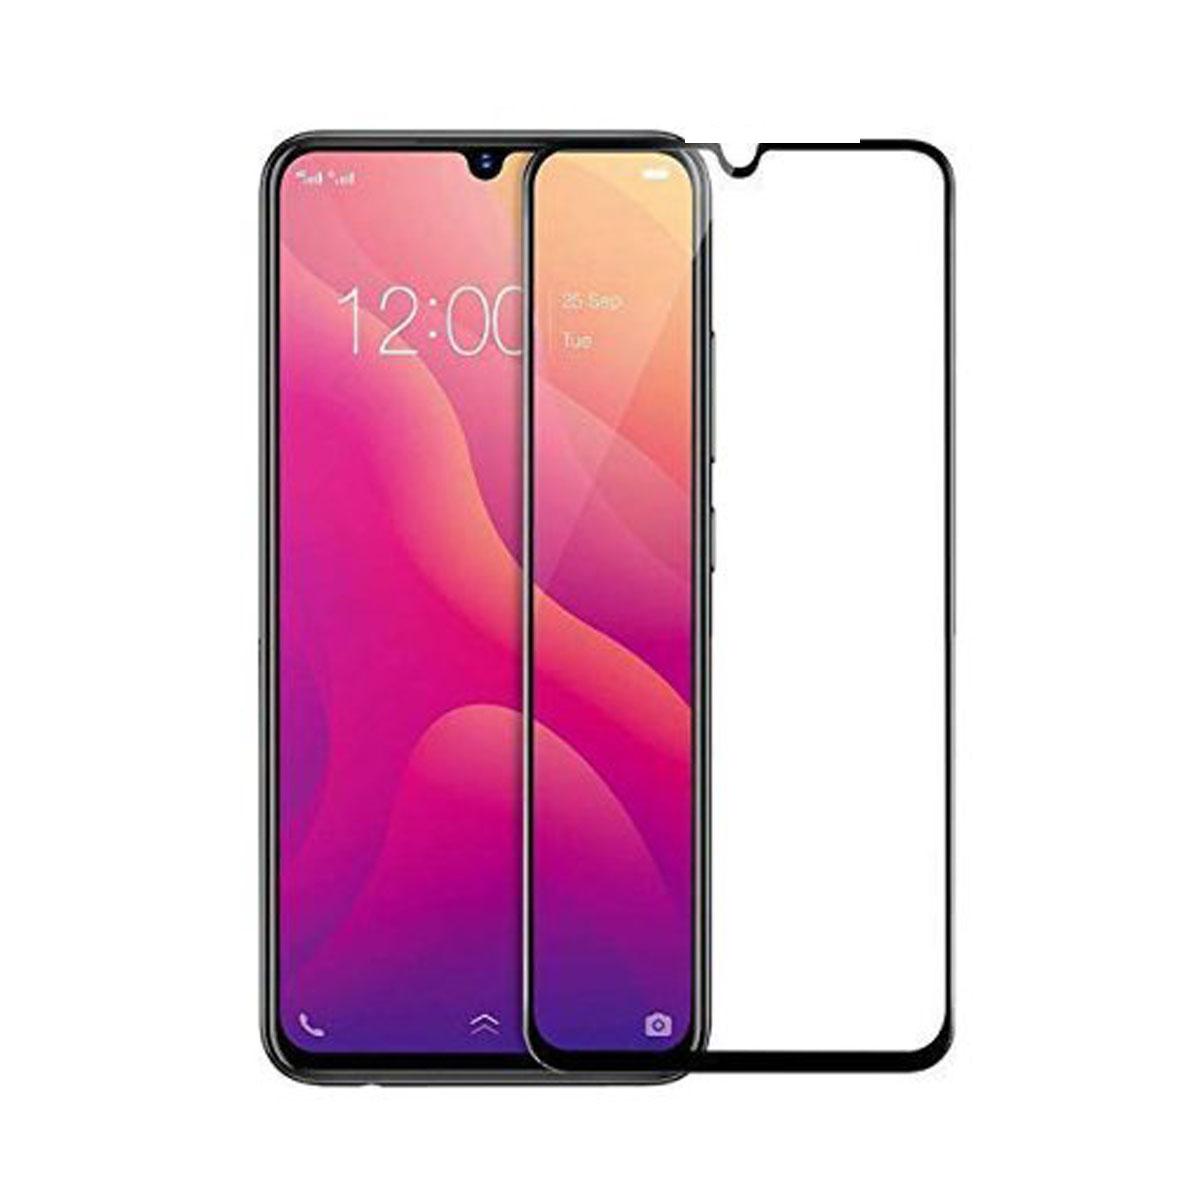 محافظ صفحه نمایش مدل GL-212508 مناسب برای گوشی موبایل سامسونگ Galaxy A10s              ( قیمت و خرید)